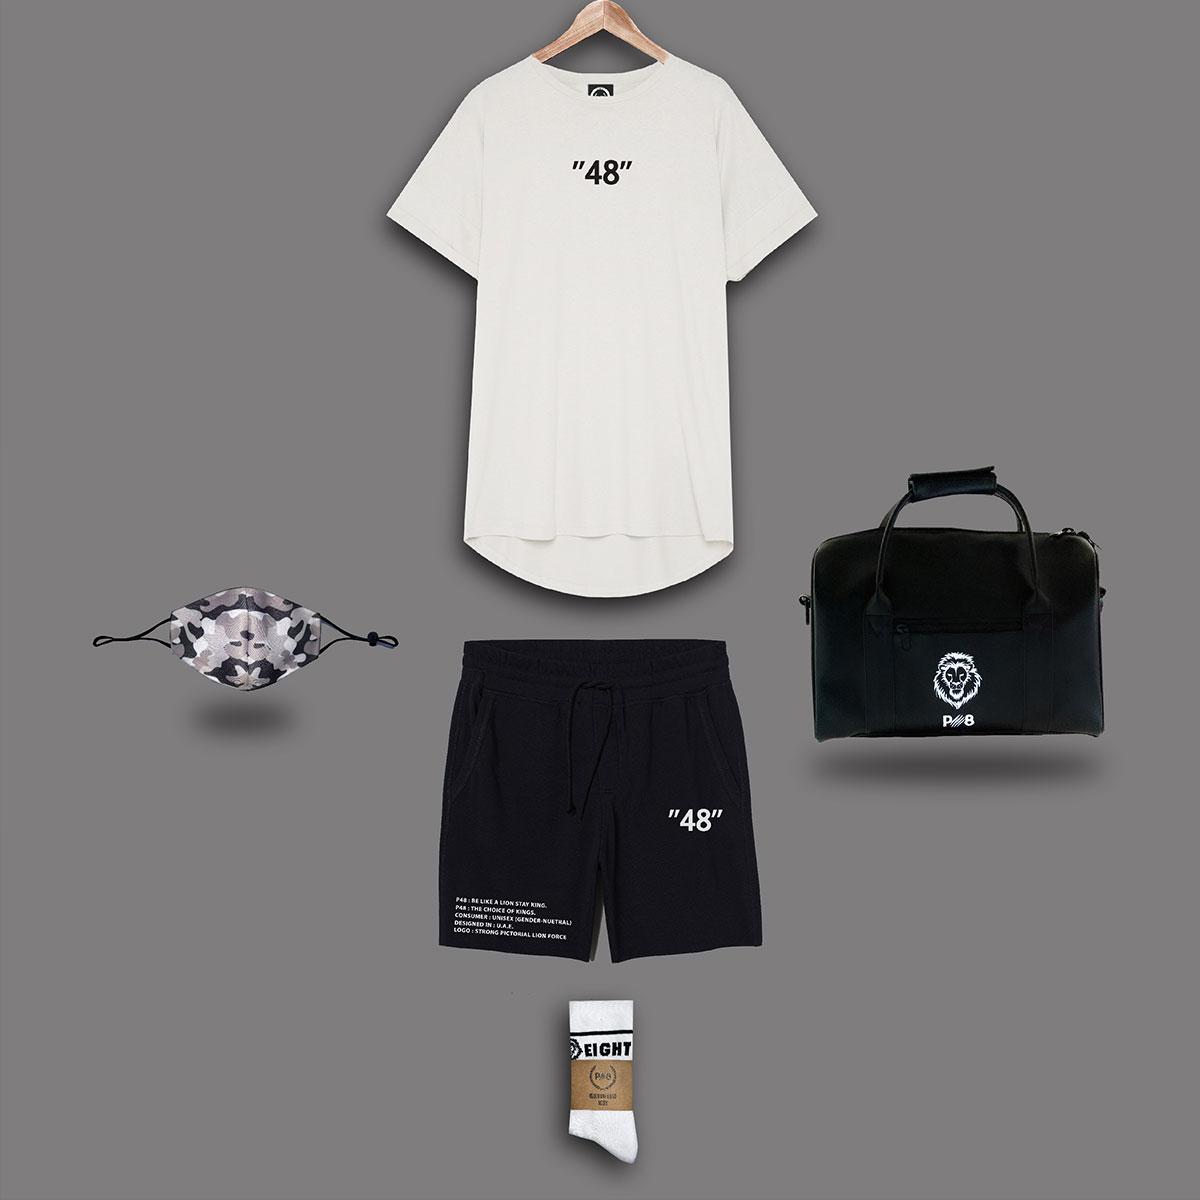 Streetwear Set - Black & White